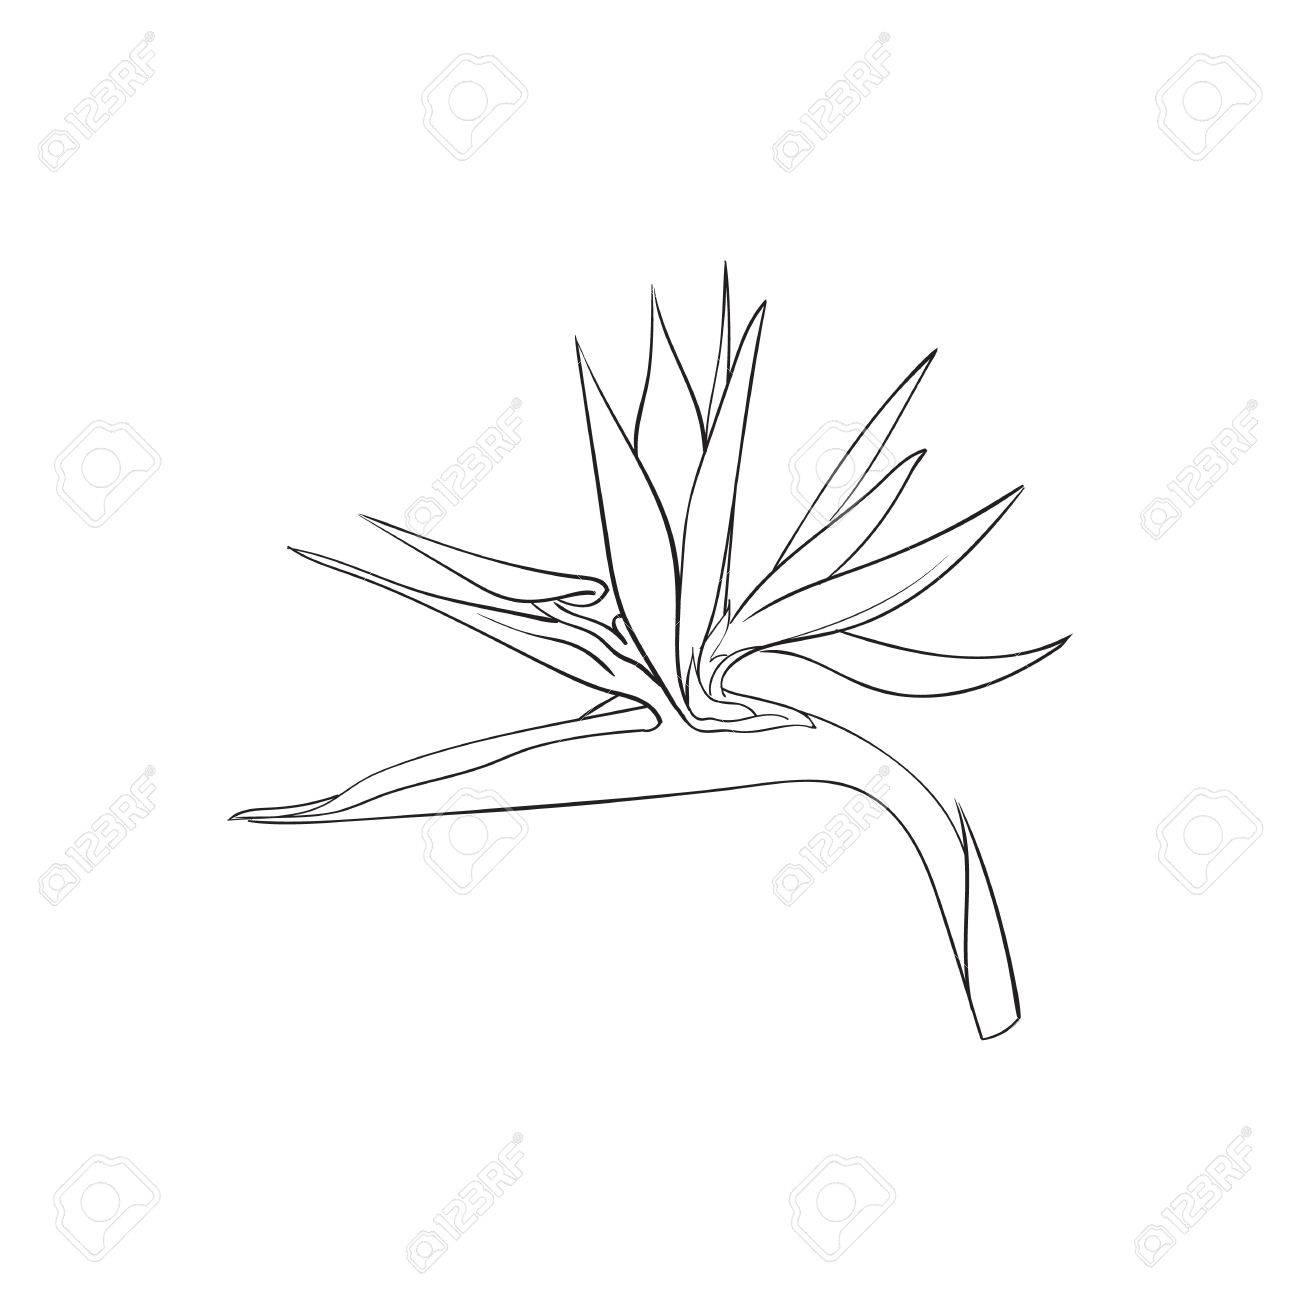 Oiseau Unique De Paradis Fleur Tropicale Strelizia Croquis Style Vecteur Illustration Isolé Sur Fond Blanc Dessin De La Fleur De Strelizia En